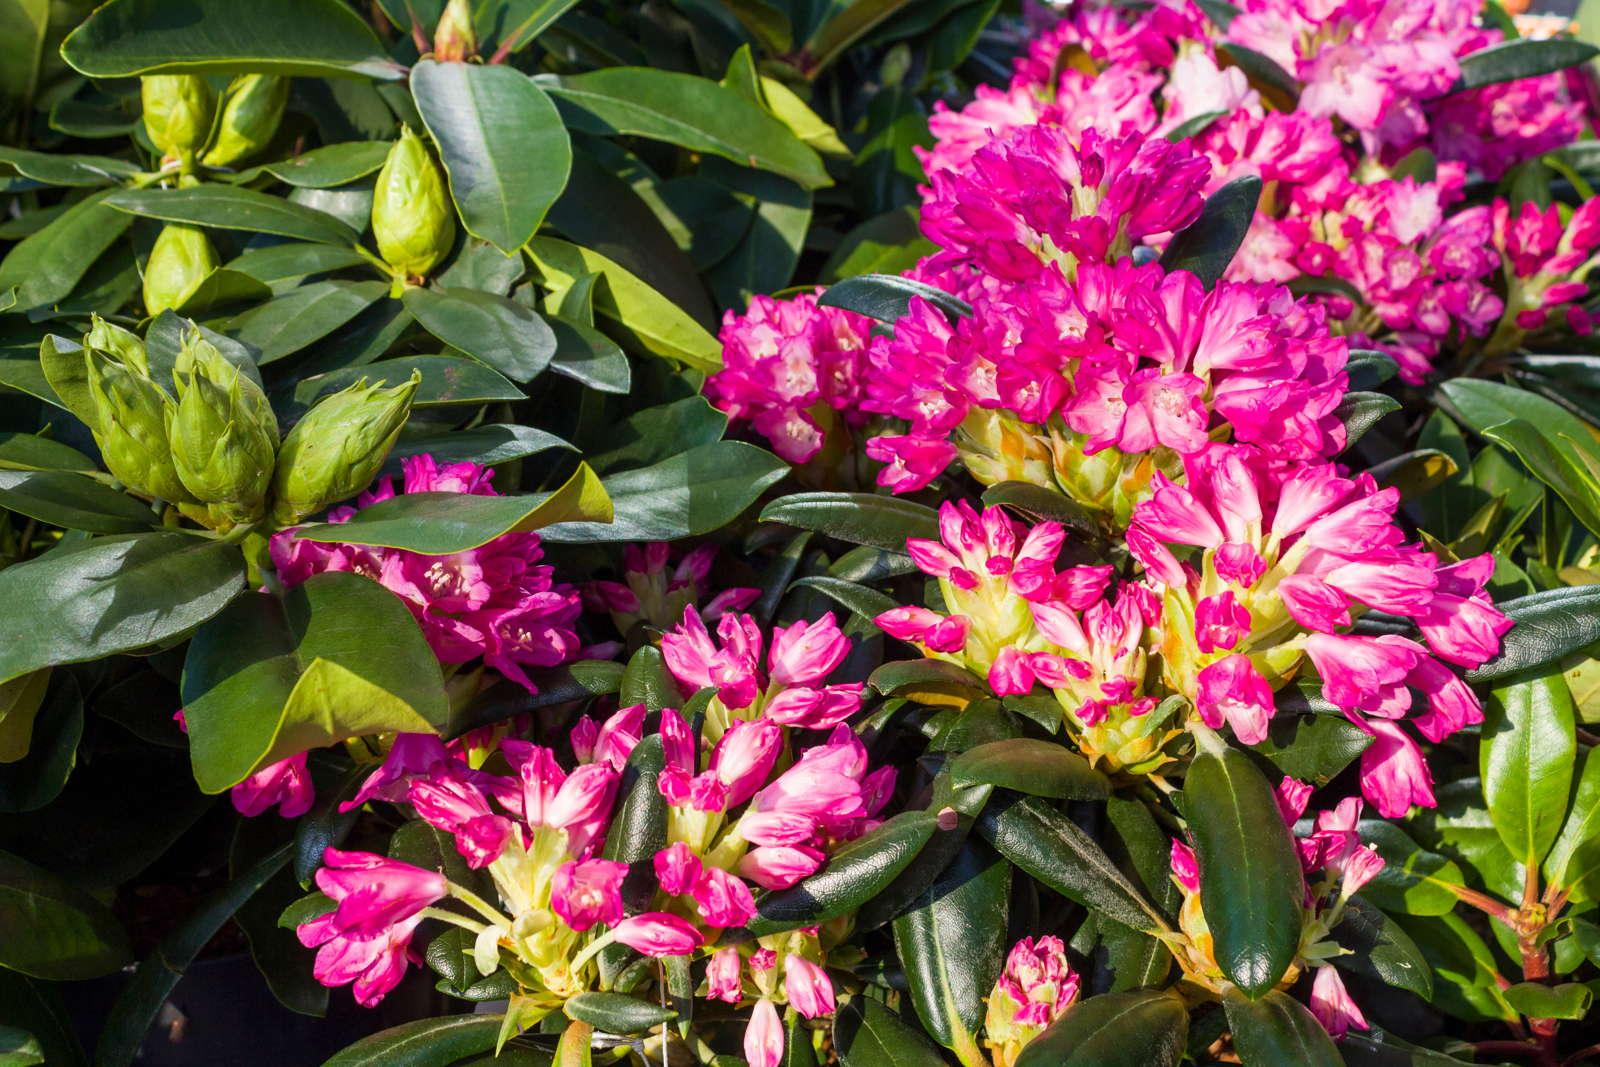 Relativ Rhododendron umpflanzen: Standort, Tipps & Anleitung - Plantura DK26